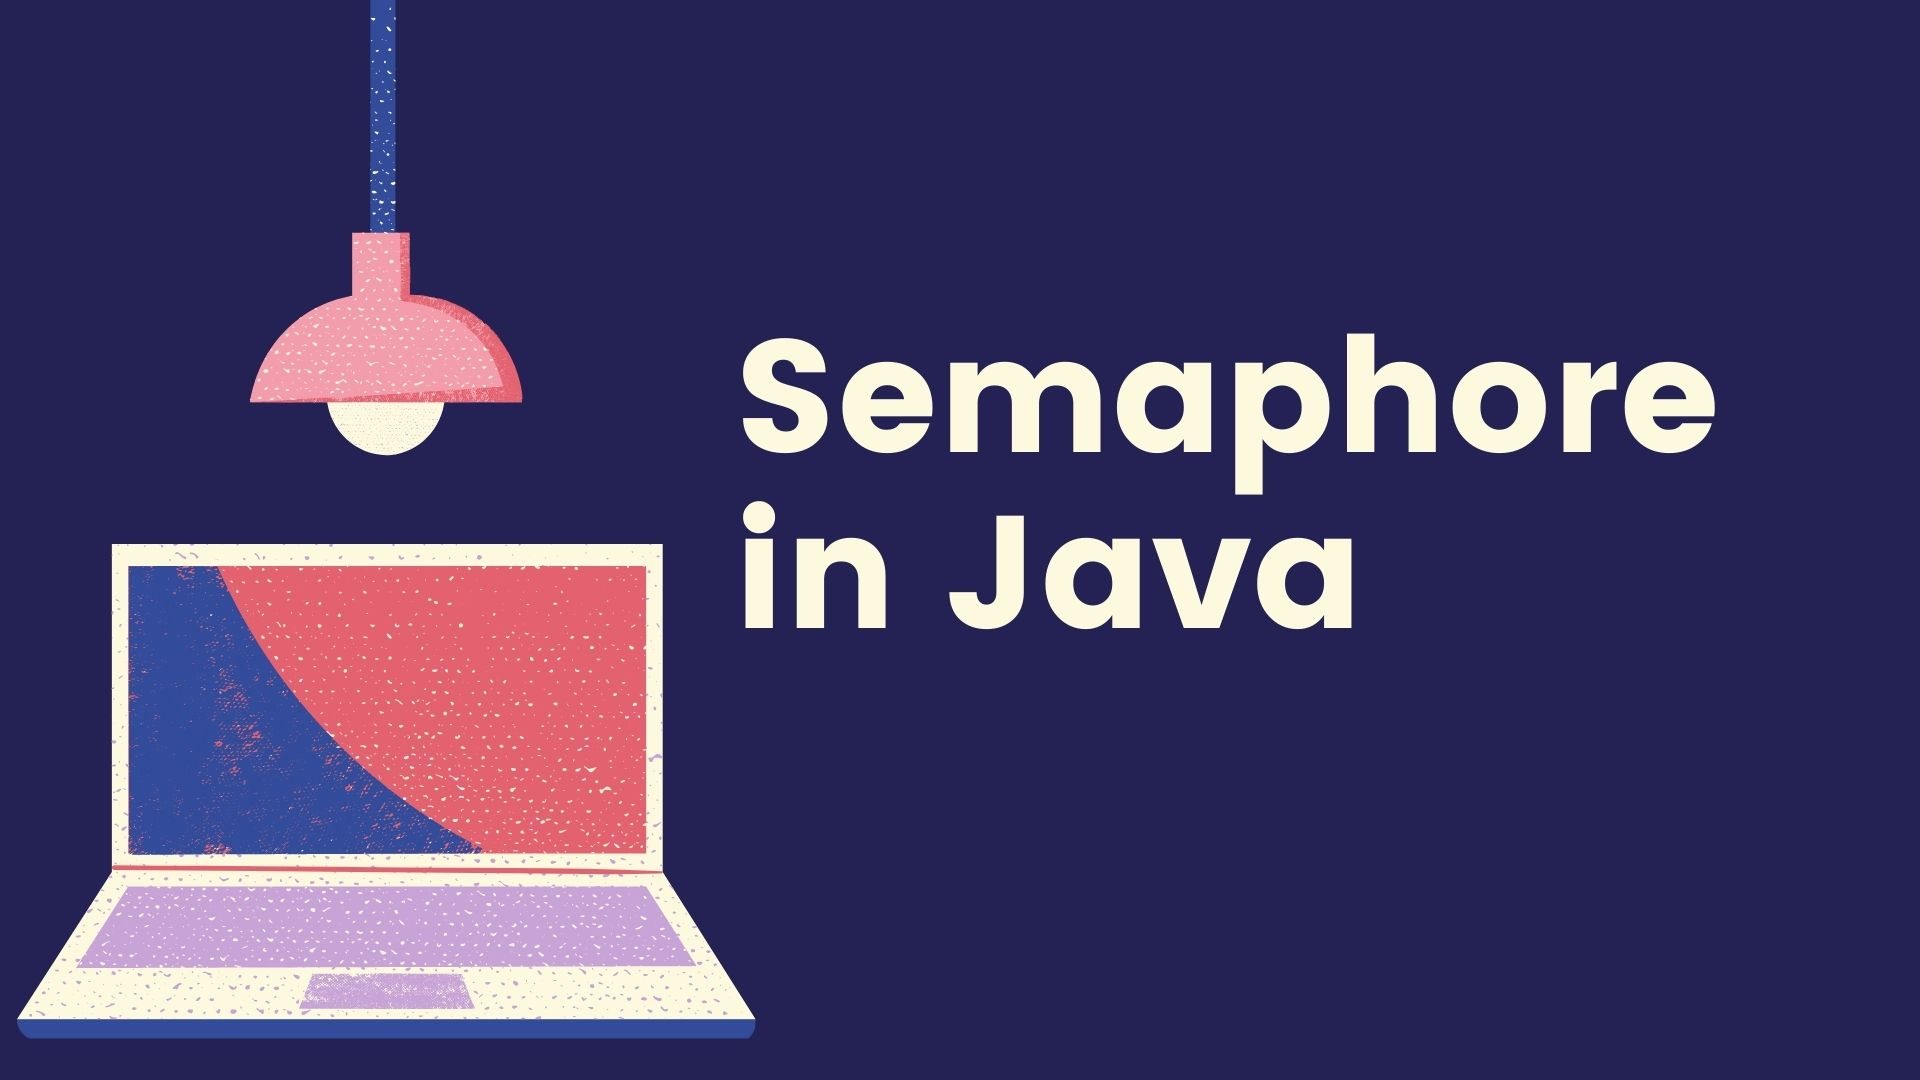 Semaphore in Java